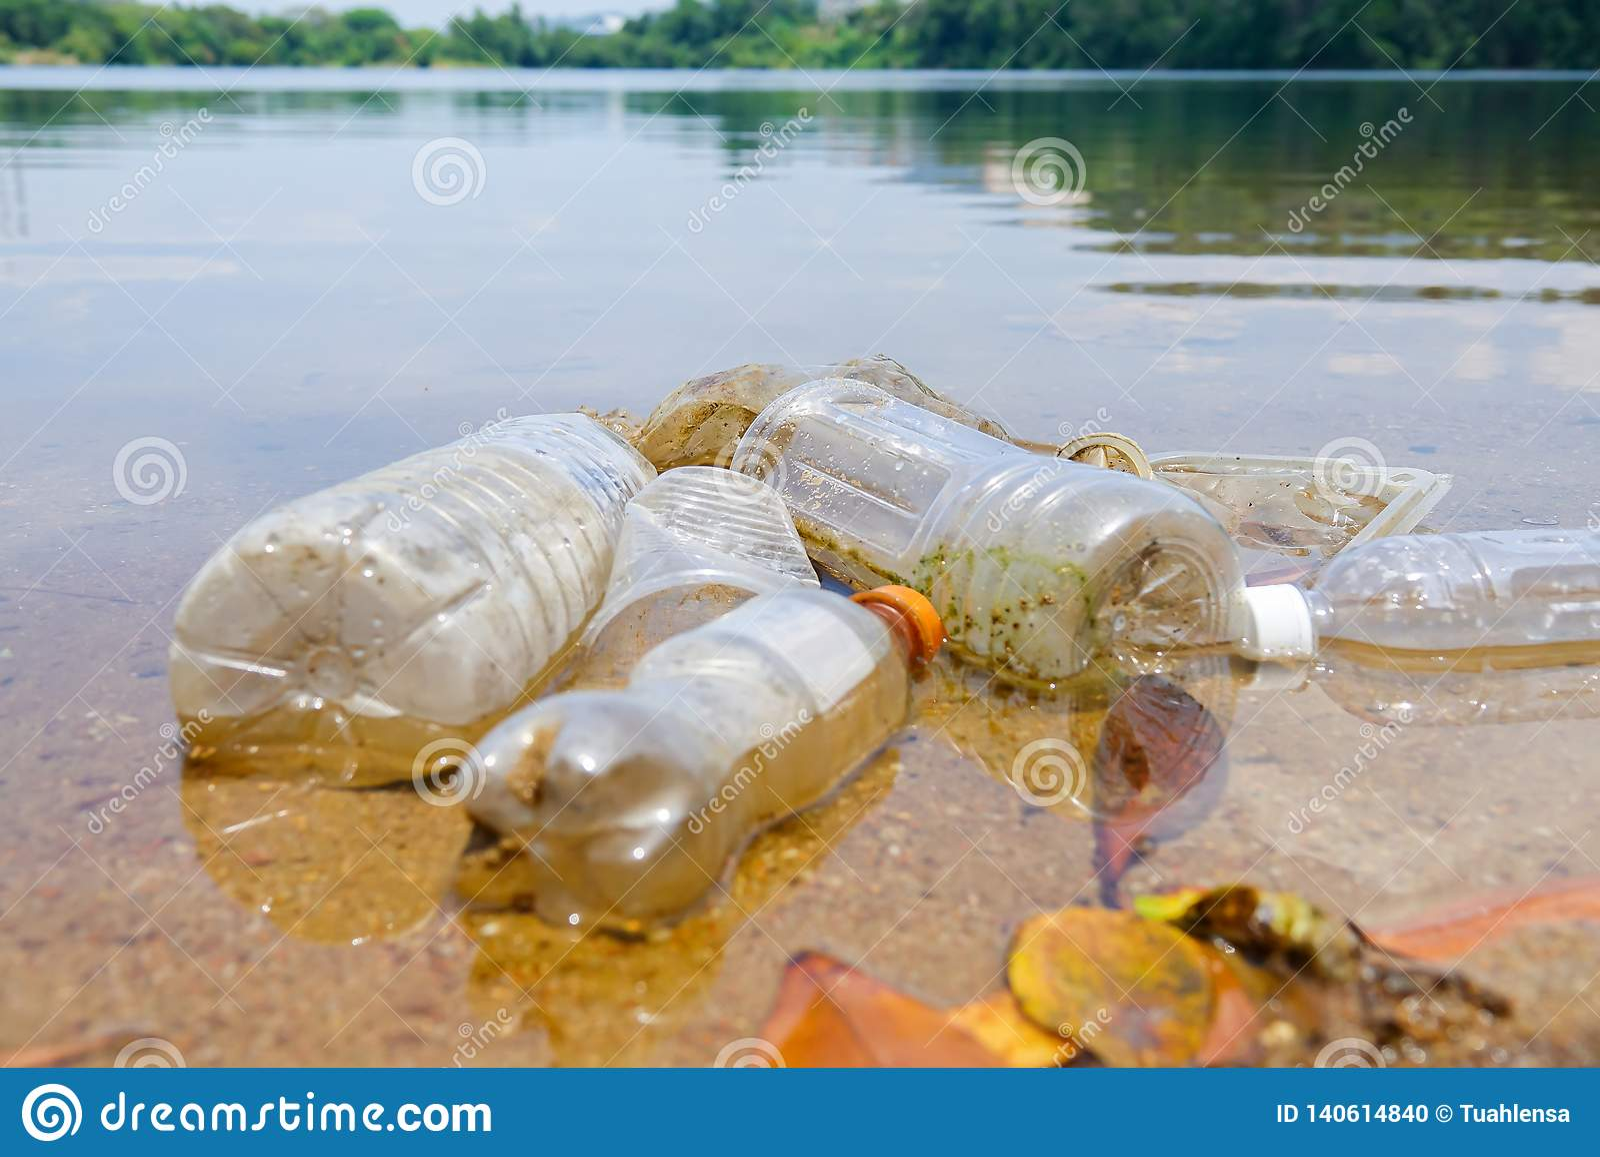 Schlechte Klimagewohnheit der unsachgemäßen Beseitigung nicht-biologisch abbaubarer PVCschalen und -flaschen in einem See Selekti